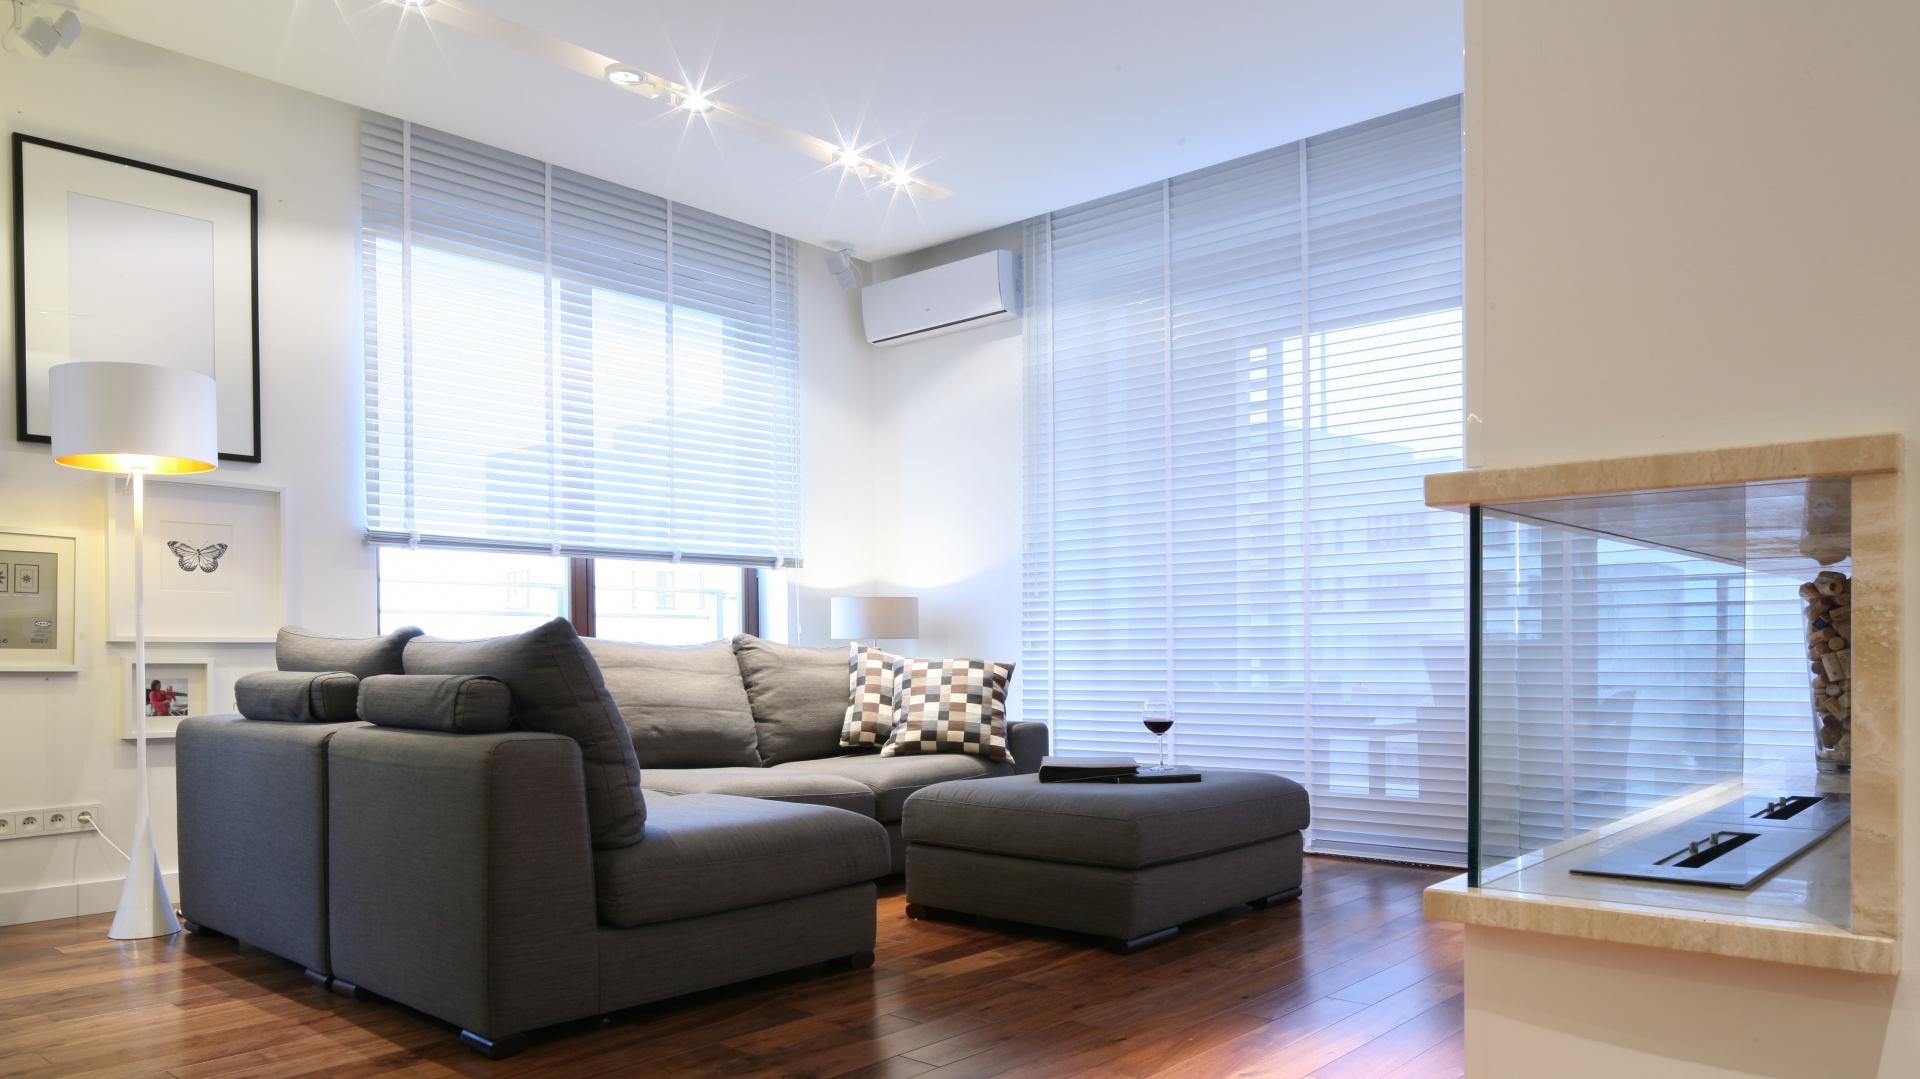 Când este vorba despre locuințe de bloc actuale, amenajate minimalist